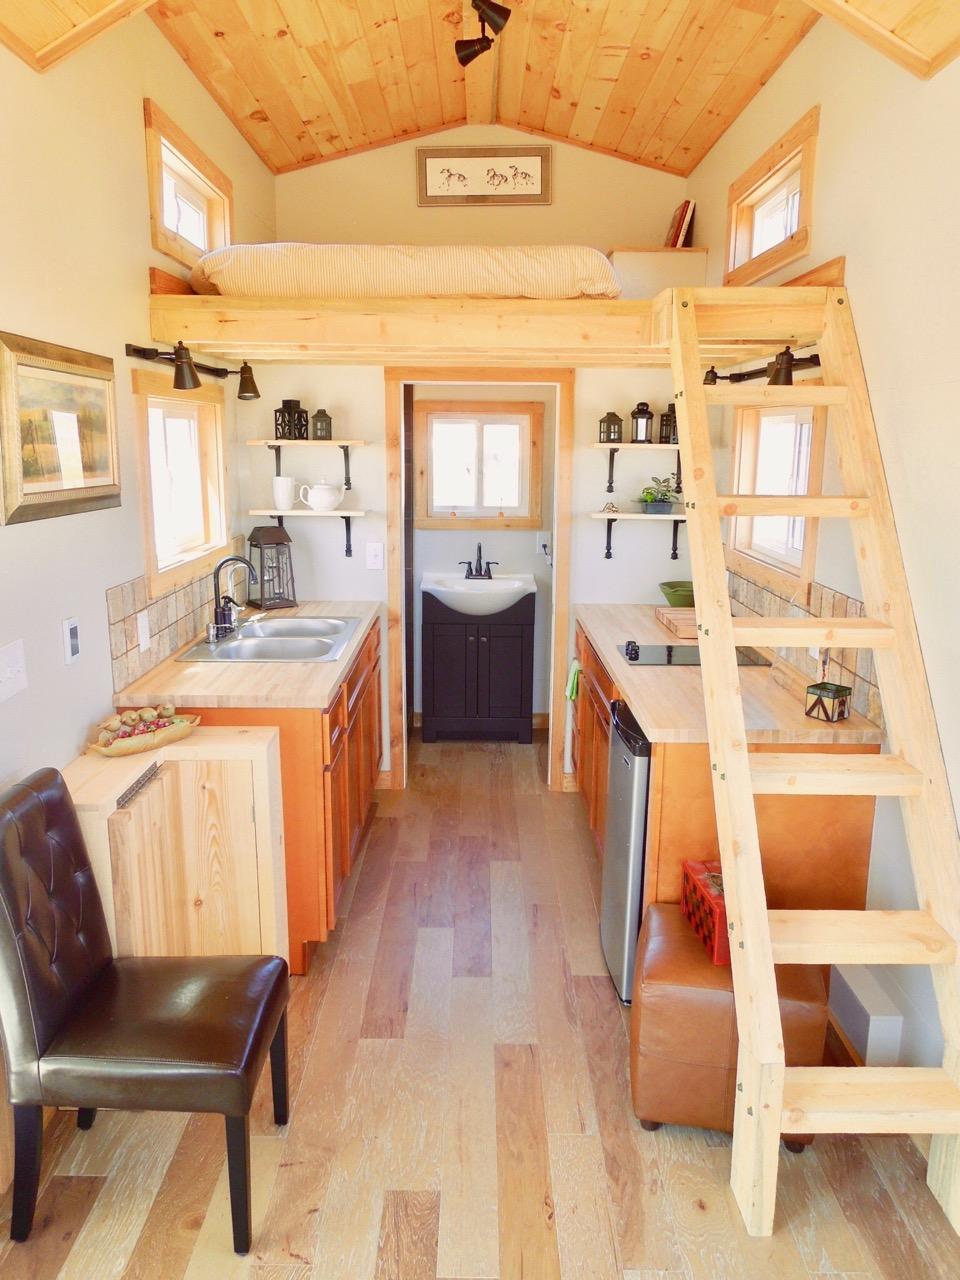 Wheelhouse-tiny-homes-3.jpg